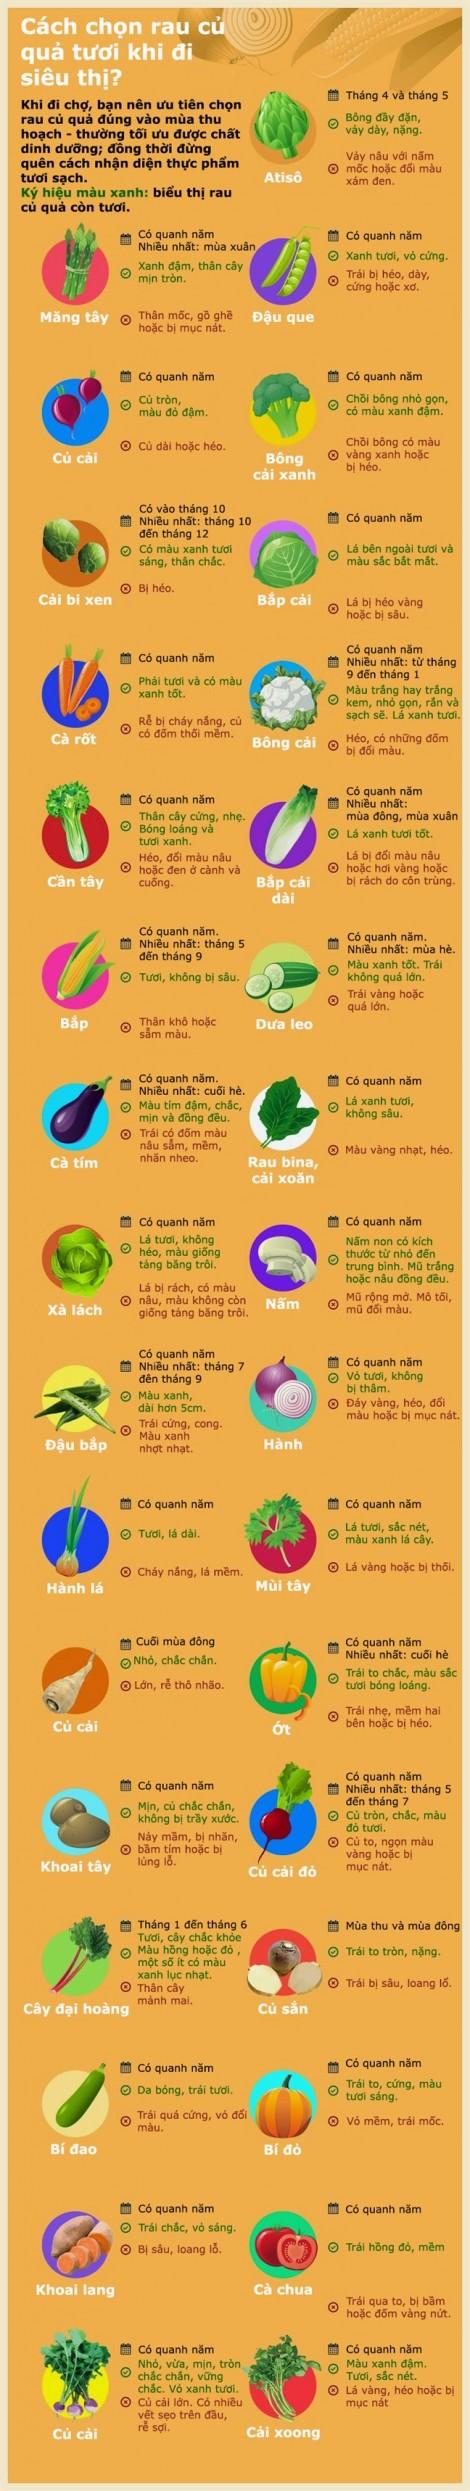 Mẹo chọn rau củ quả khi đi siêu thị